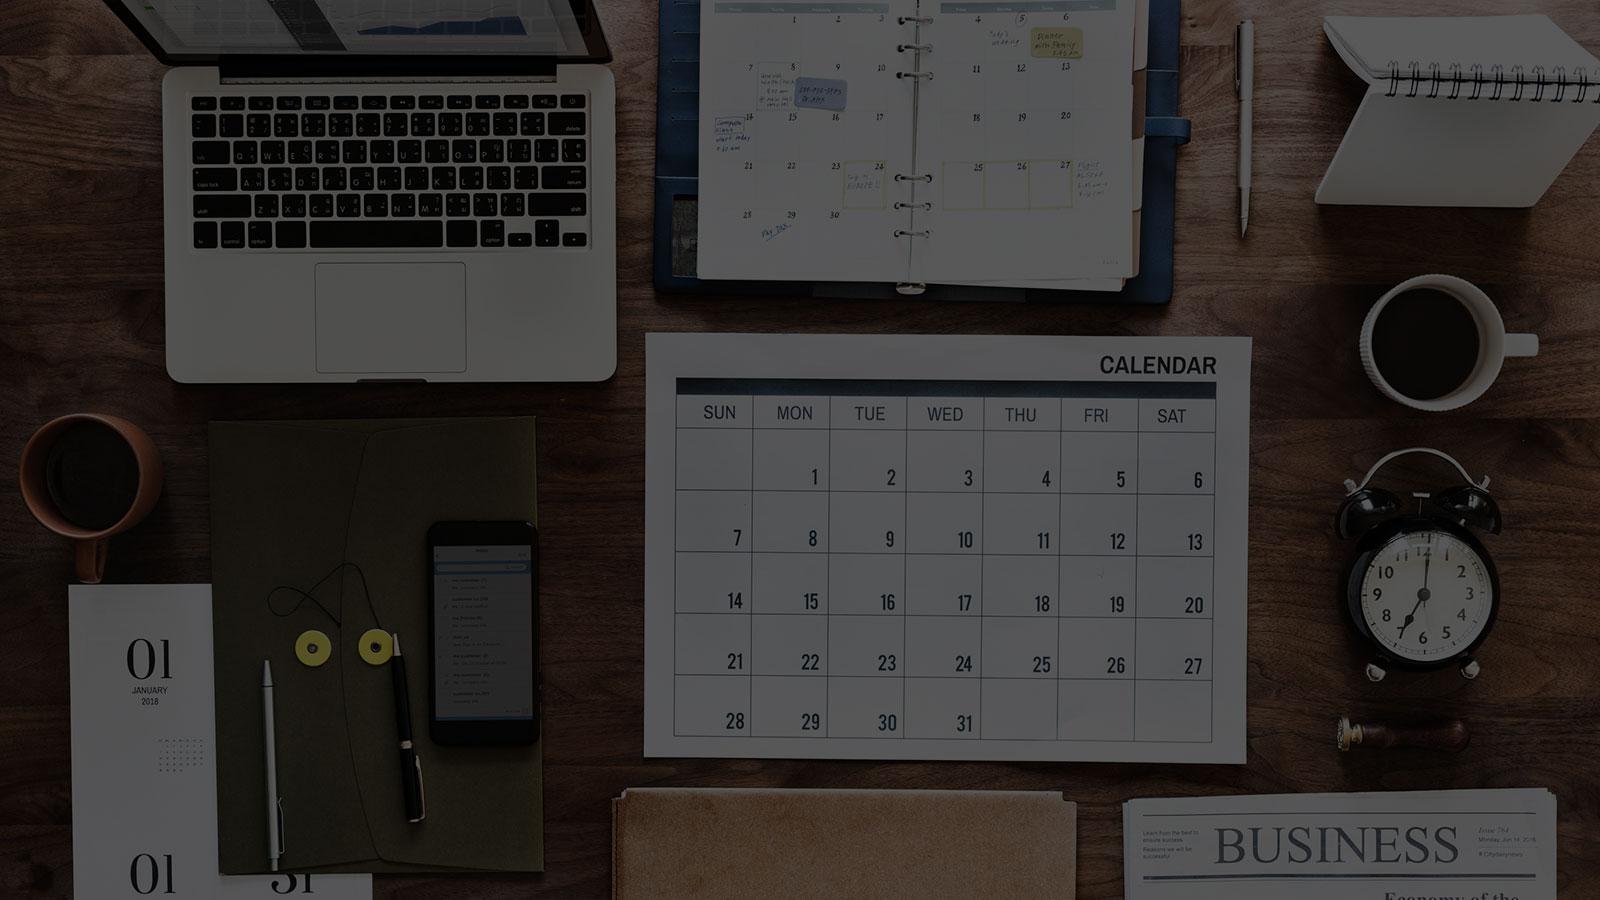 como otimizar o tempo no trabalho através da tecnologia